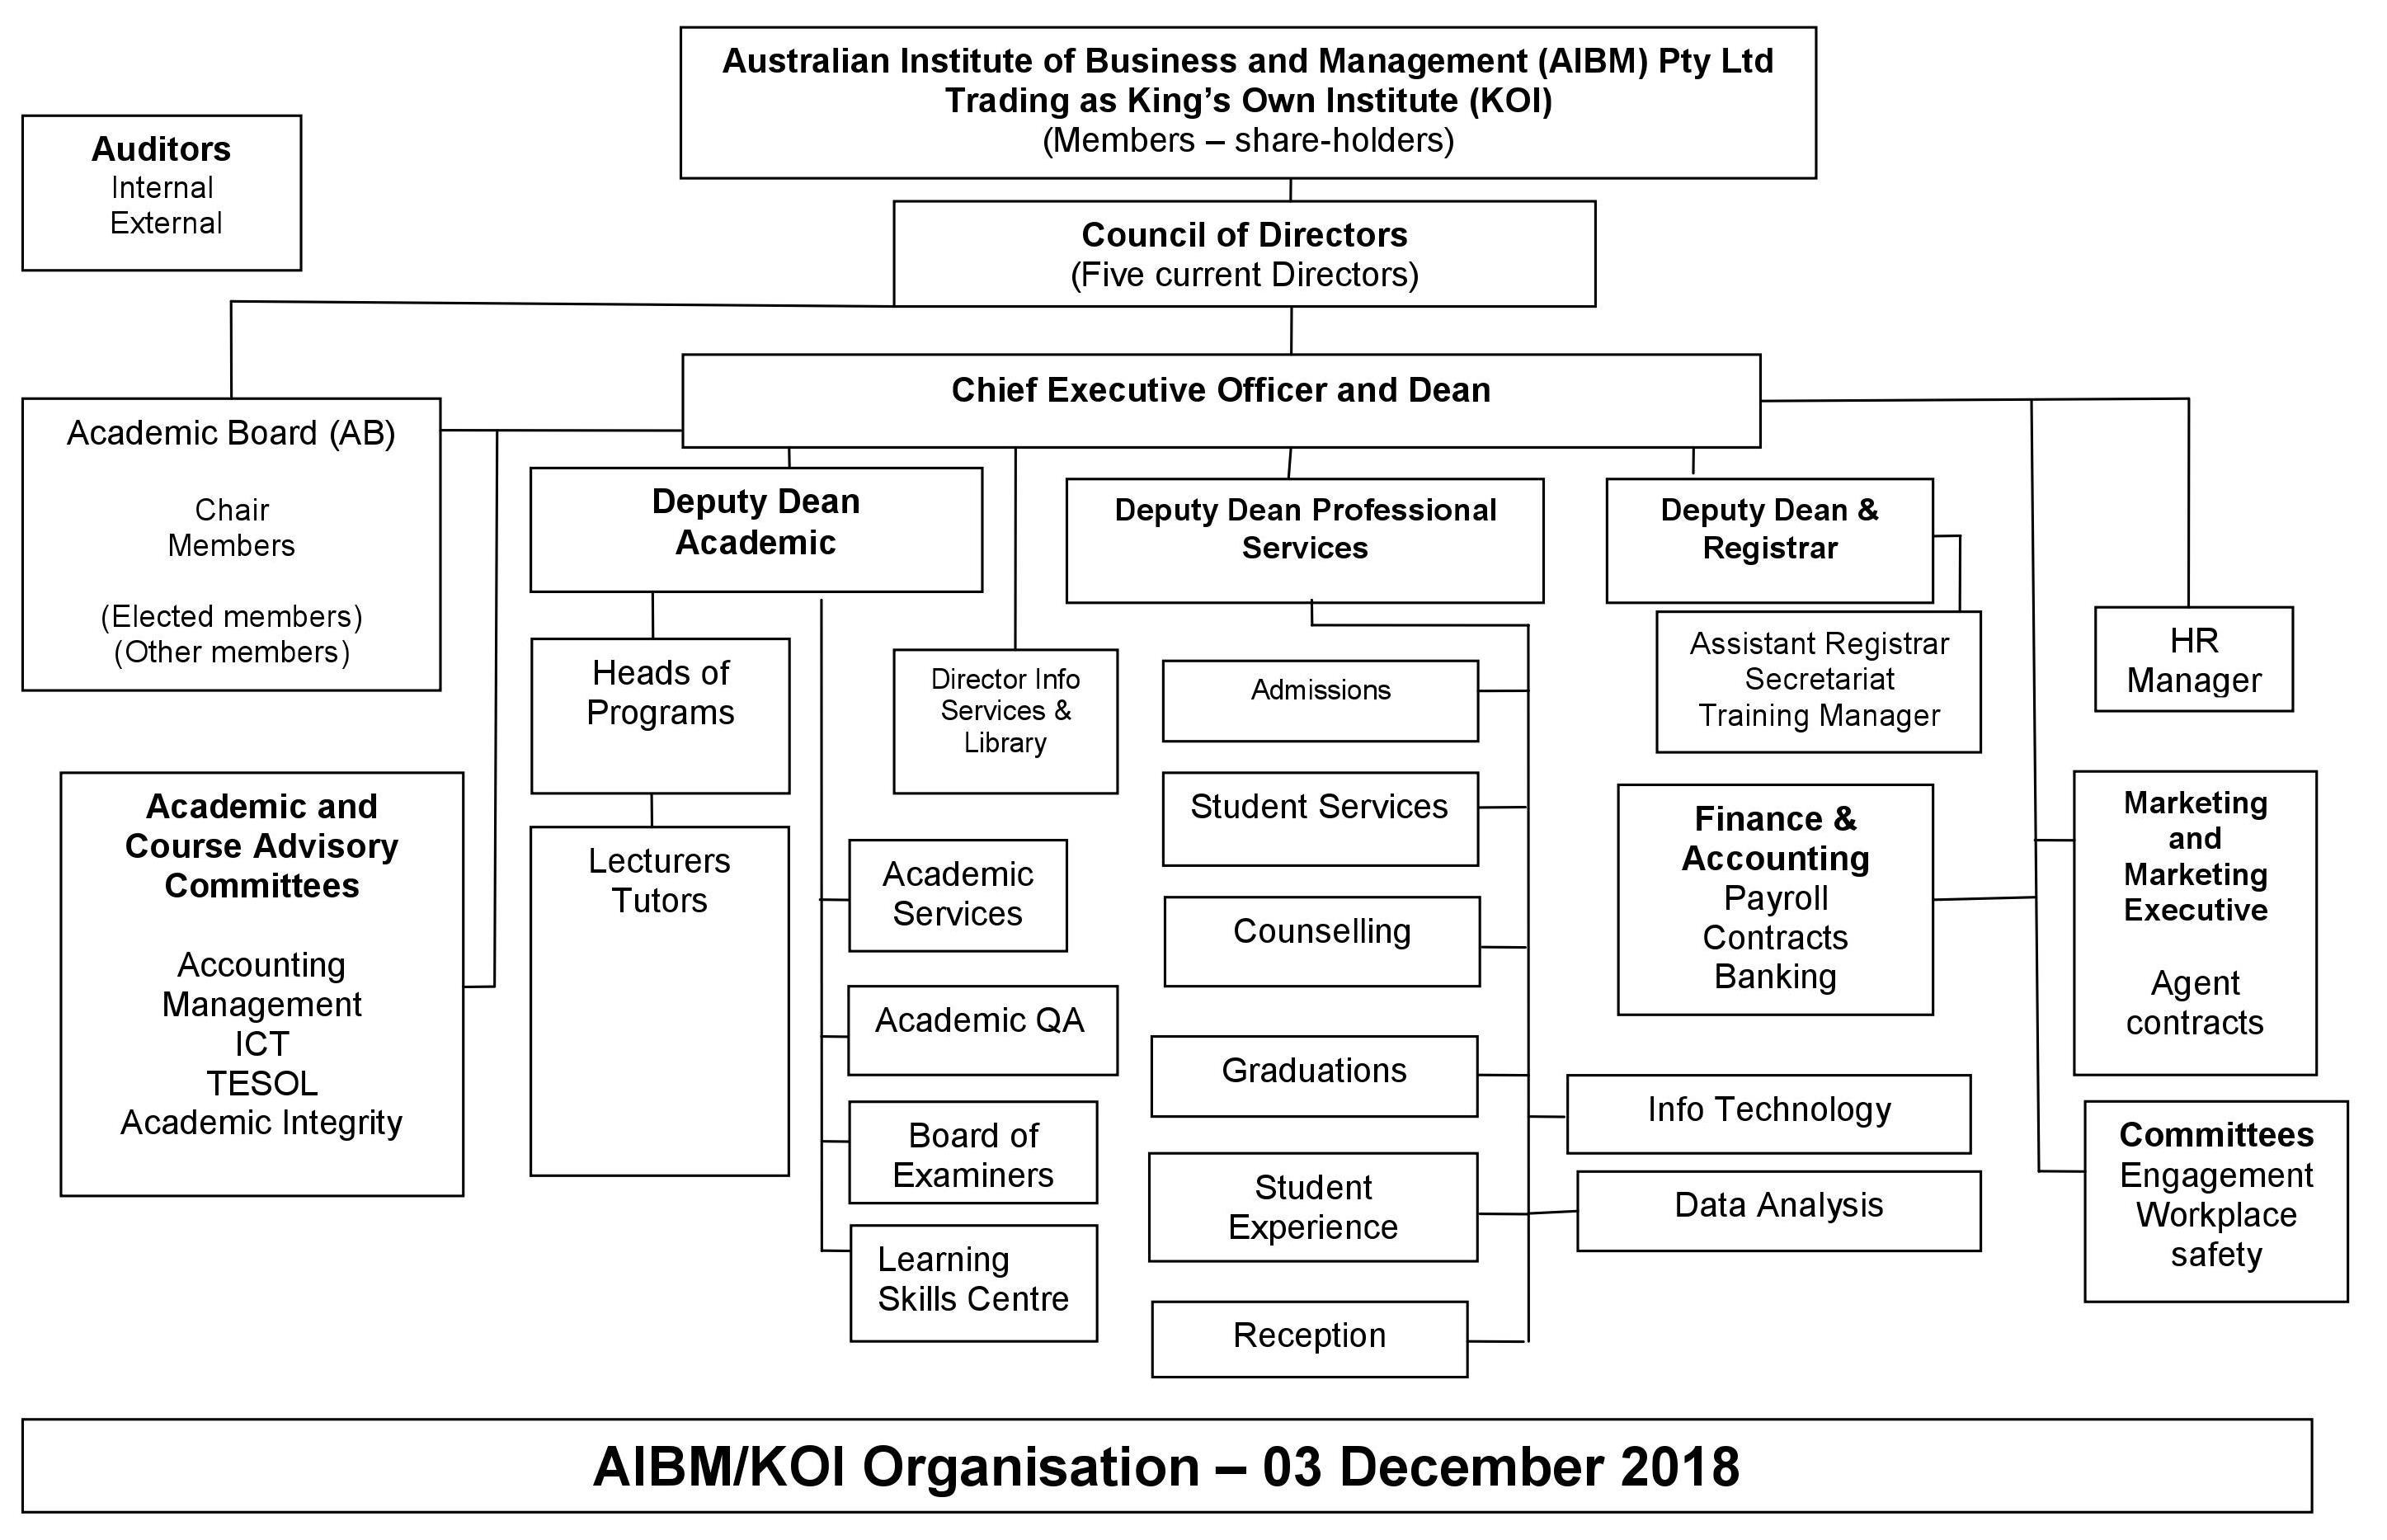 KOI – AIBM/KOI Organisation